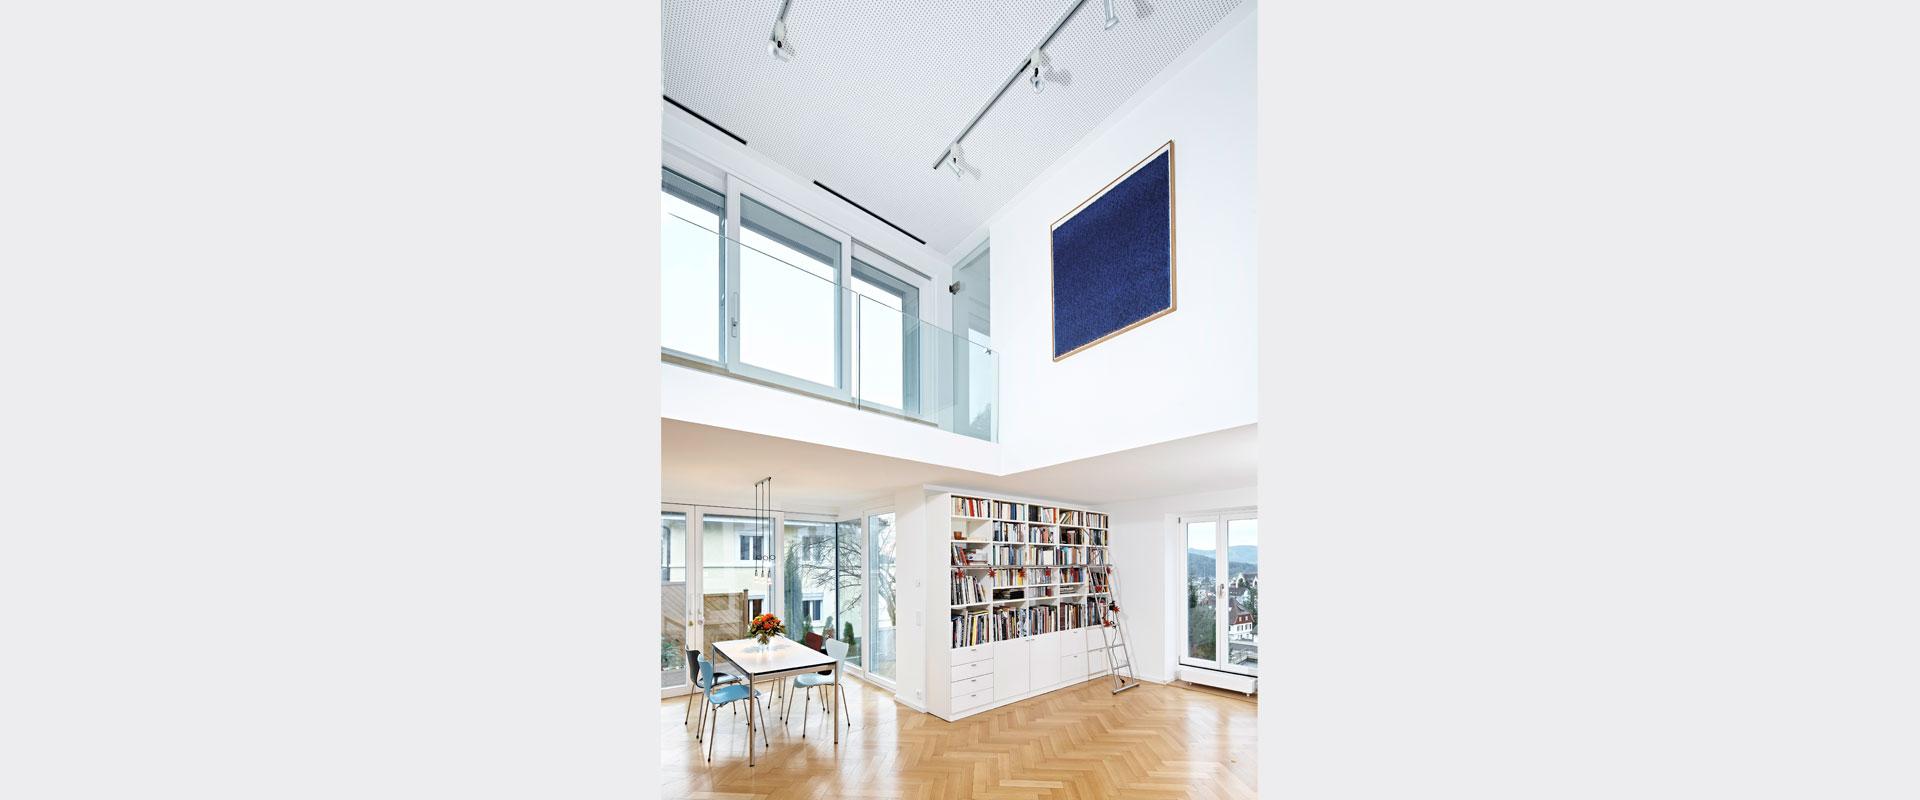 Architekturbuero Henning Musahl Waldshut Tiengen Oberrhein Wohnhaus J.